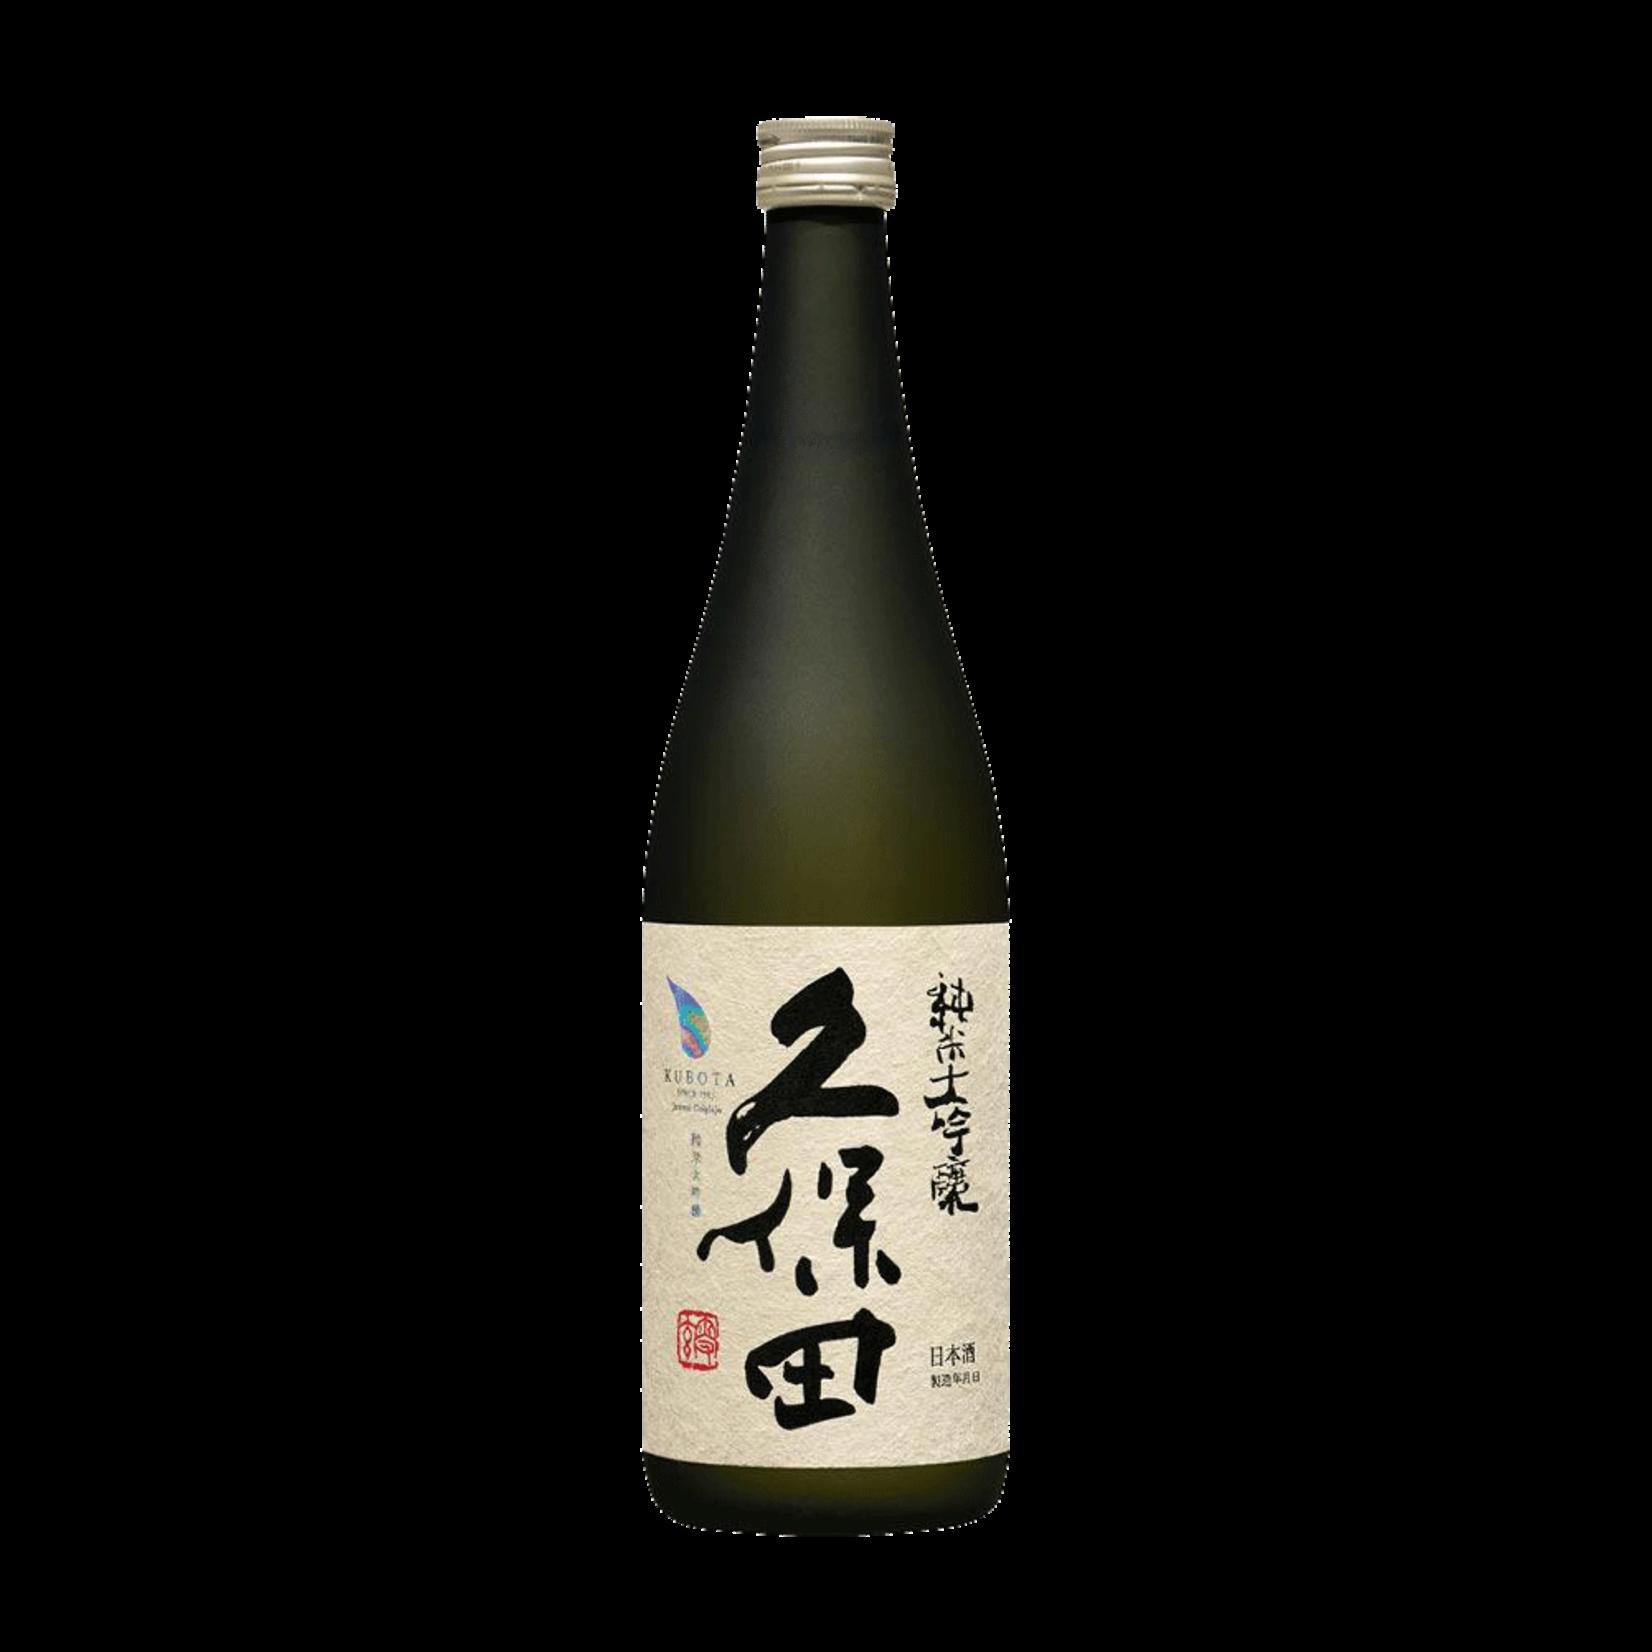 Sake Asahi Shuzo Kubota Junmai Daiginjo Sake 720ml